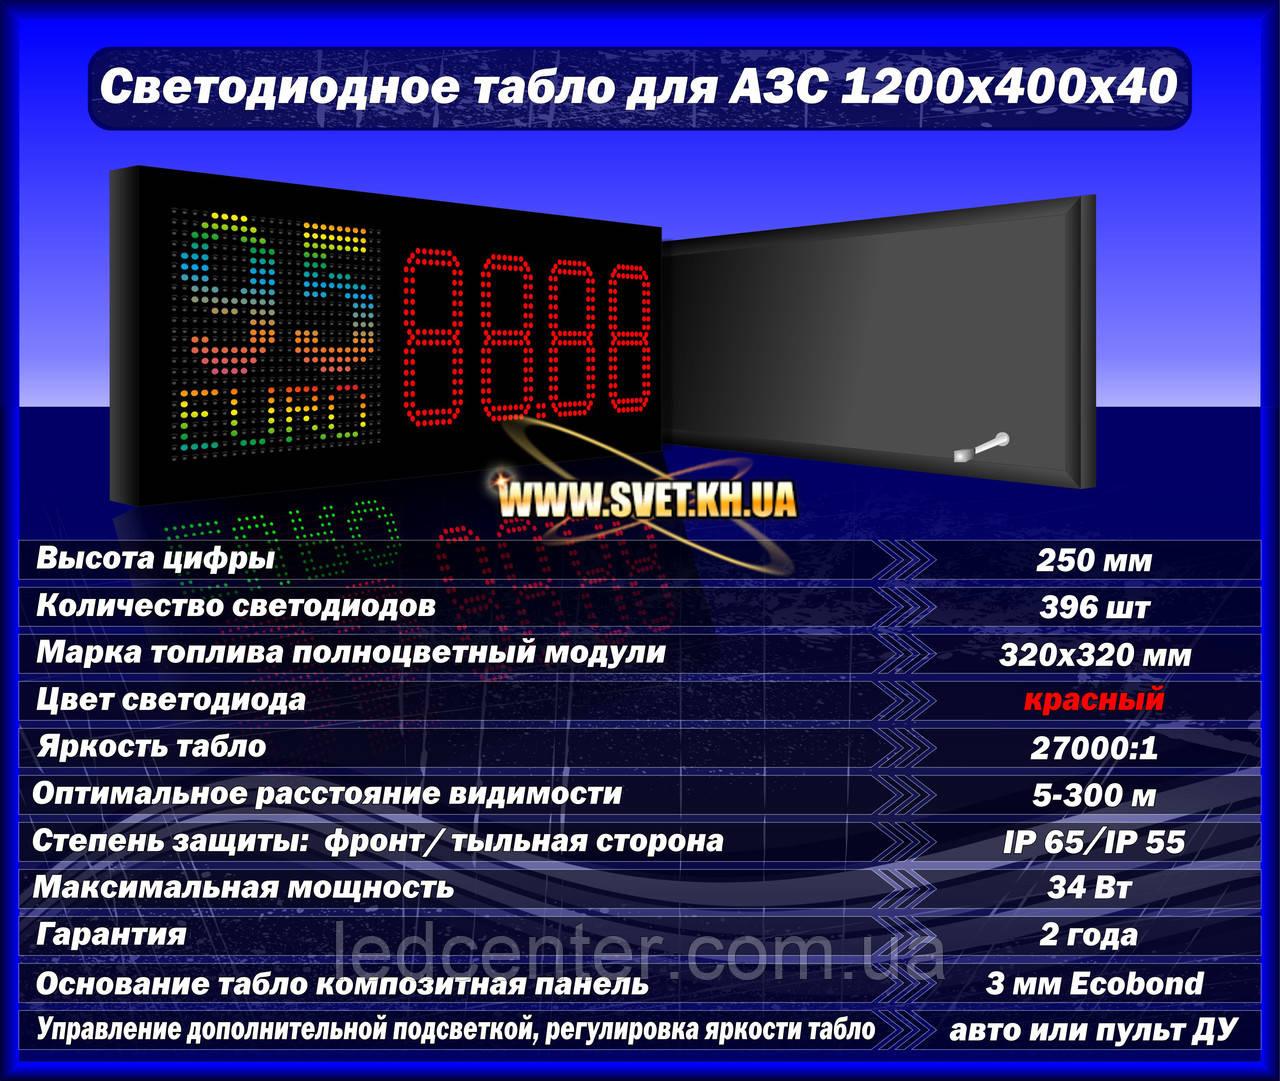 Электронное табло для стел АЗС, марка топлива поноцветные модули